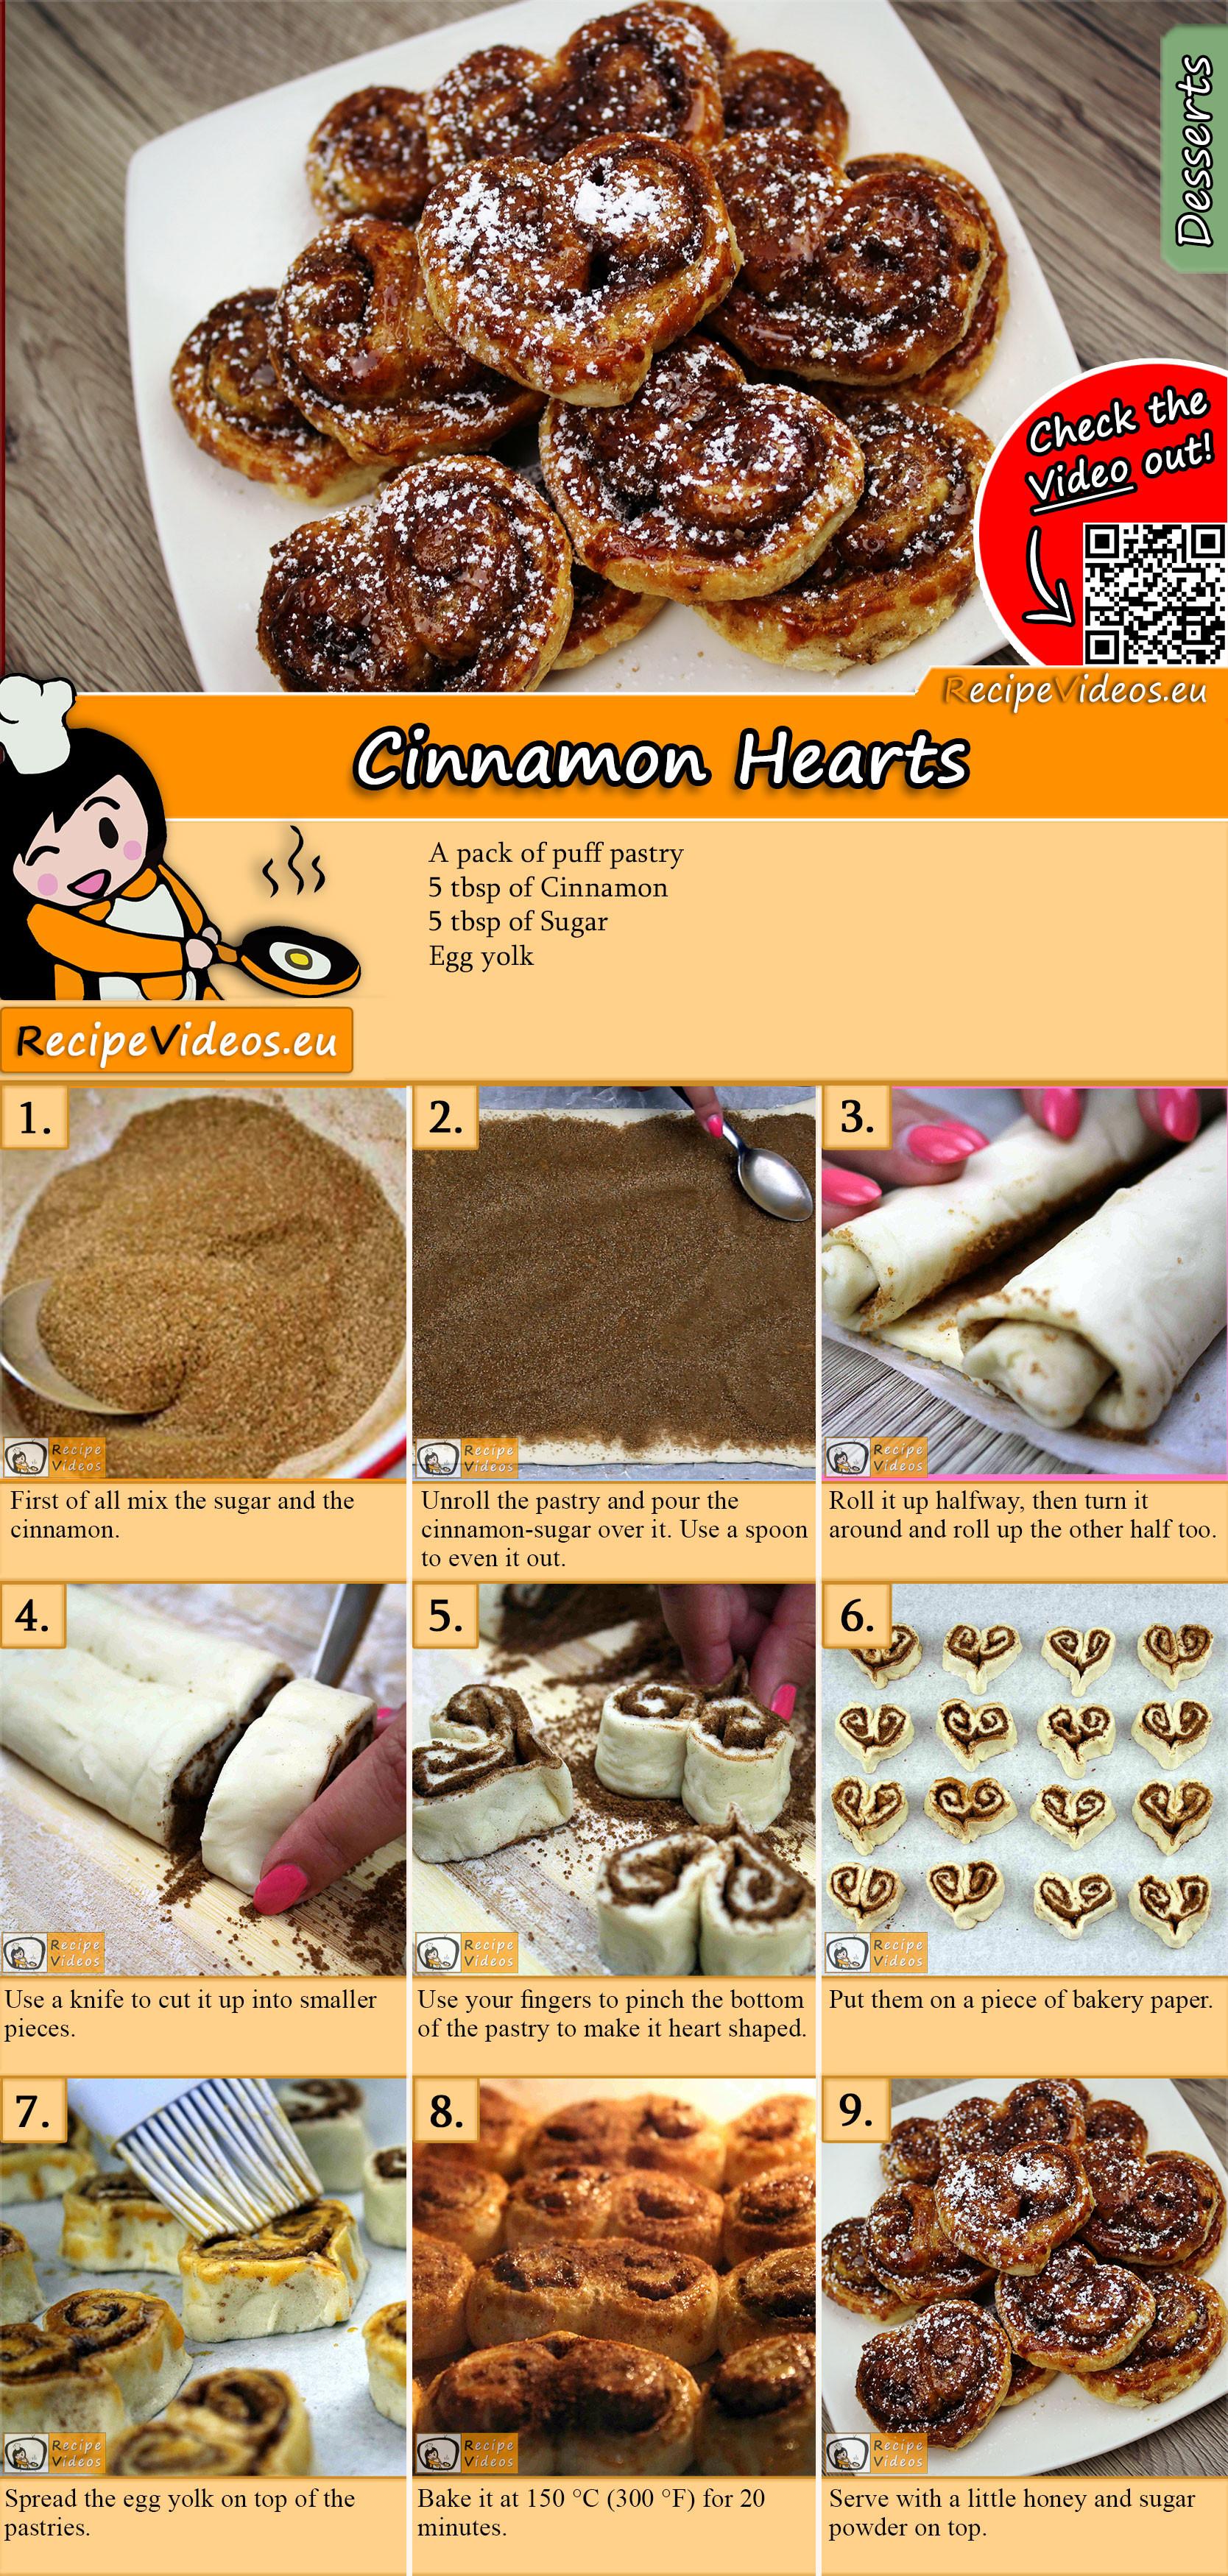 Cinnamon hearts recipe with video